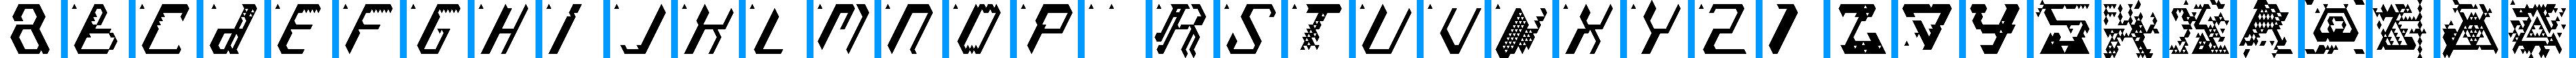 Particip-a-type v.271